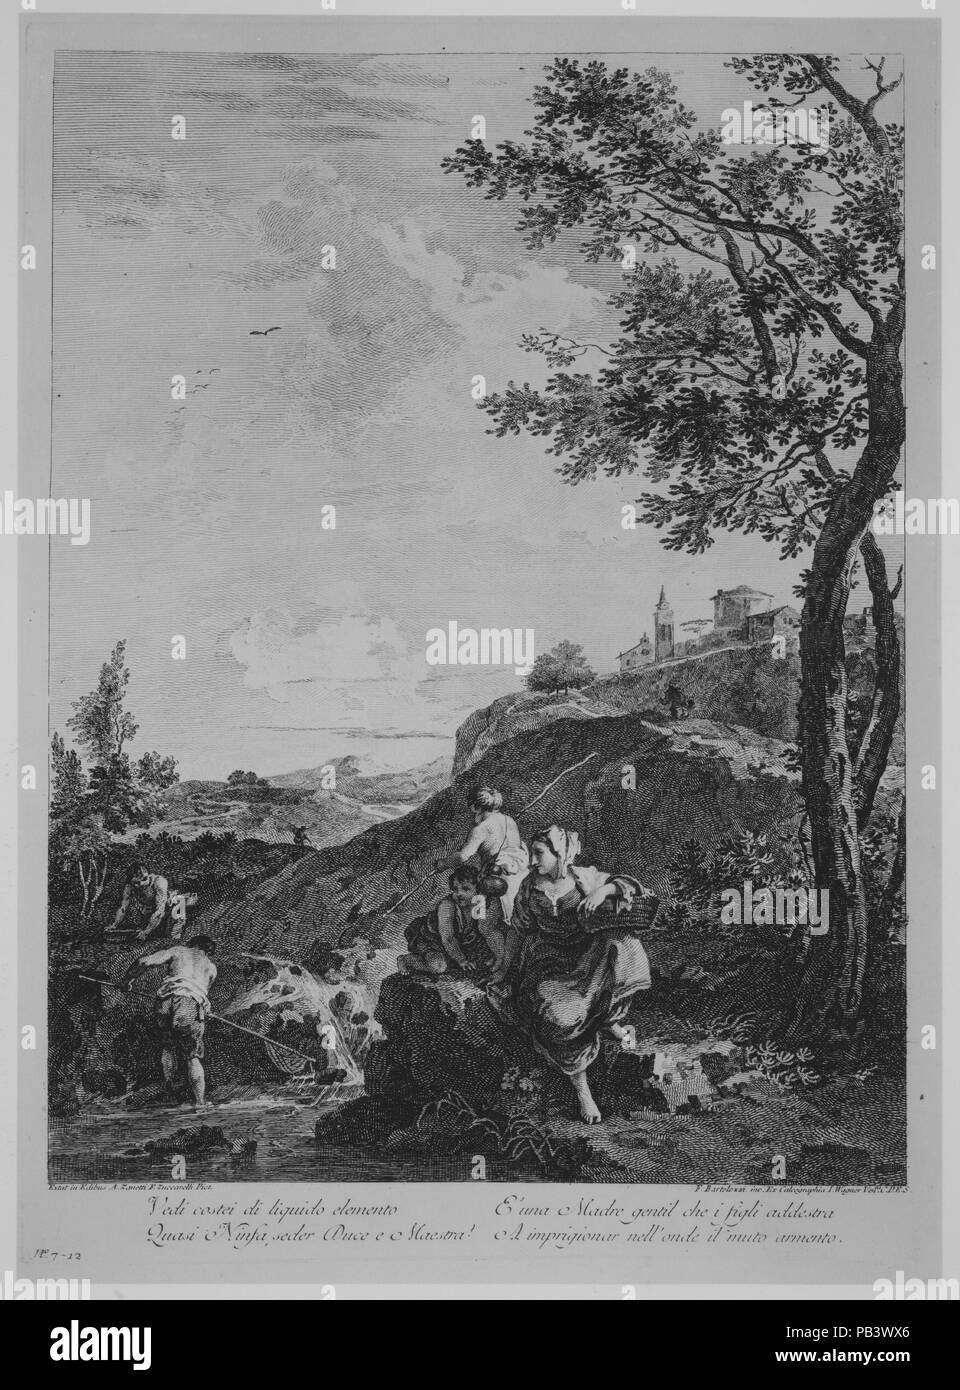 Paesaggio, 'Vedi costei di liquido elemento...'. Artista: Francesco Bartolozzi (italiano, Firenze 1728-1815 Lisbona); dopo Francesco Zuccarelli (italiano, Pitigliano 1702-1788 Firenze). Dimensioni: piastra: 18 1/8 x 14 in. (46 x 35,5 cm) foglio: 19 15/16 x 14 5/16 in. (50,7 x 36,3 cm). Editore: pubblicato da Joseph Wagner (Italiano, 1706-1780 Thalendorf Venezia) , Venezia. Data: 1762. Museo: Metropolitan Museum of Art di New York, Stati Uniti d'America. Immagini Stock